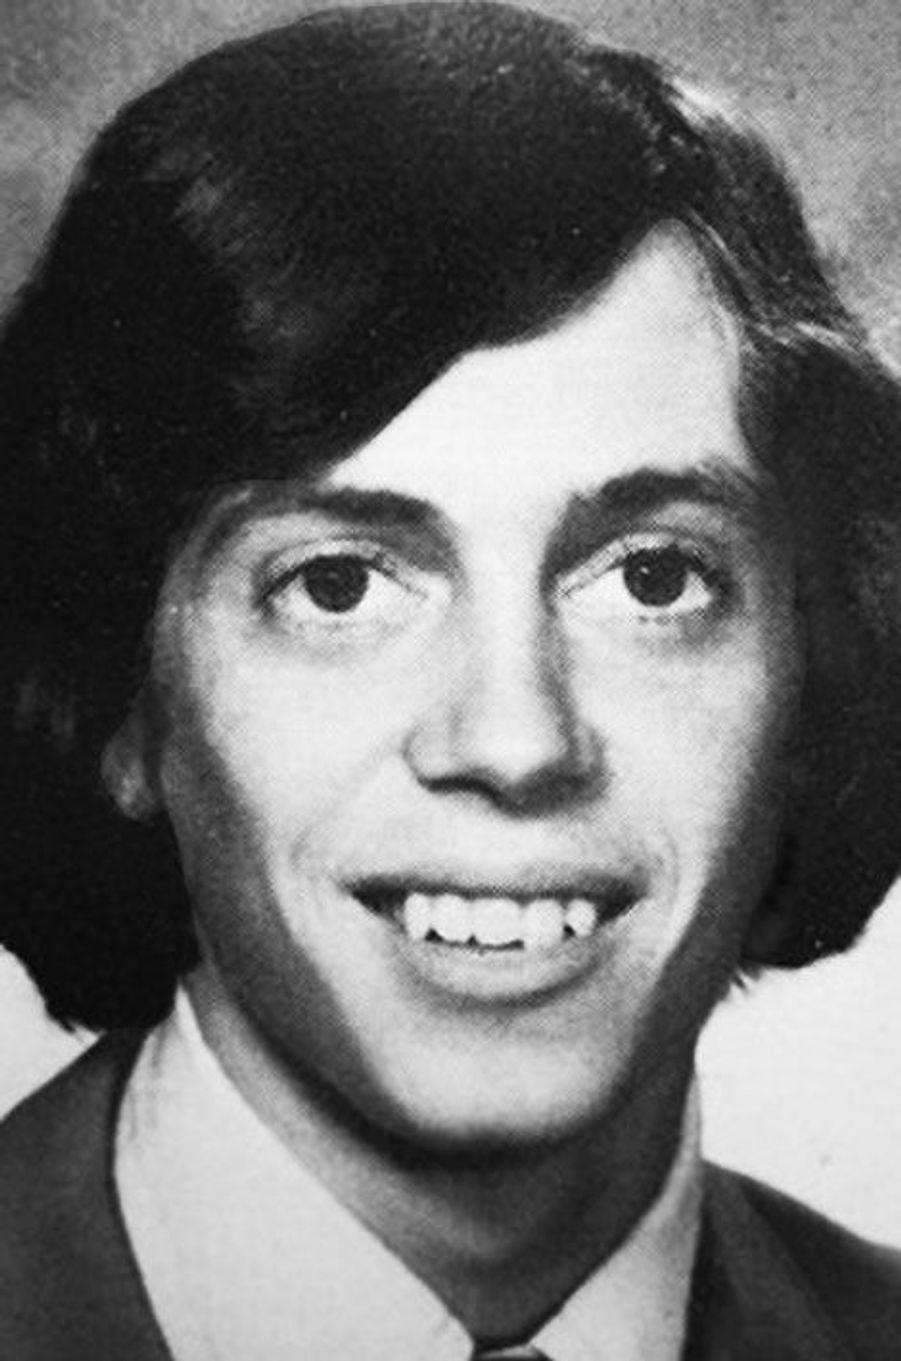 Saurez-vous identifier les onze célébrités représentées sur ces clichés datant de leurs années lycées? Découvrez le nom de cette star en surlignant le texte ci-après: =><font color=black><b>Steve Buscemi, la star de «Boardwalk Empire», en 1975.</font></b><=<br><br><br>